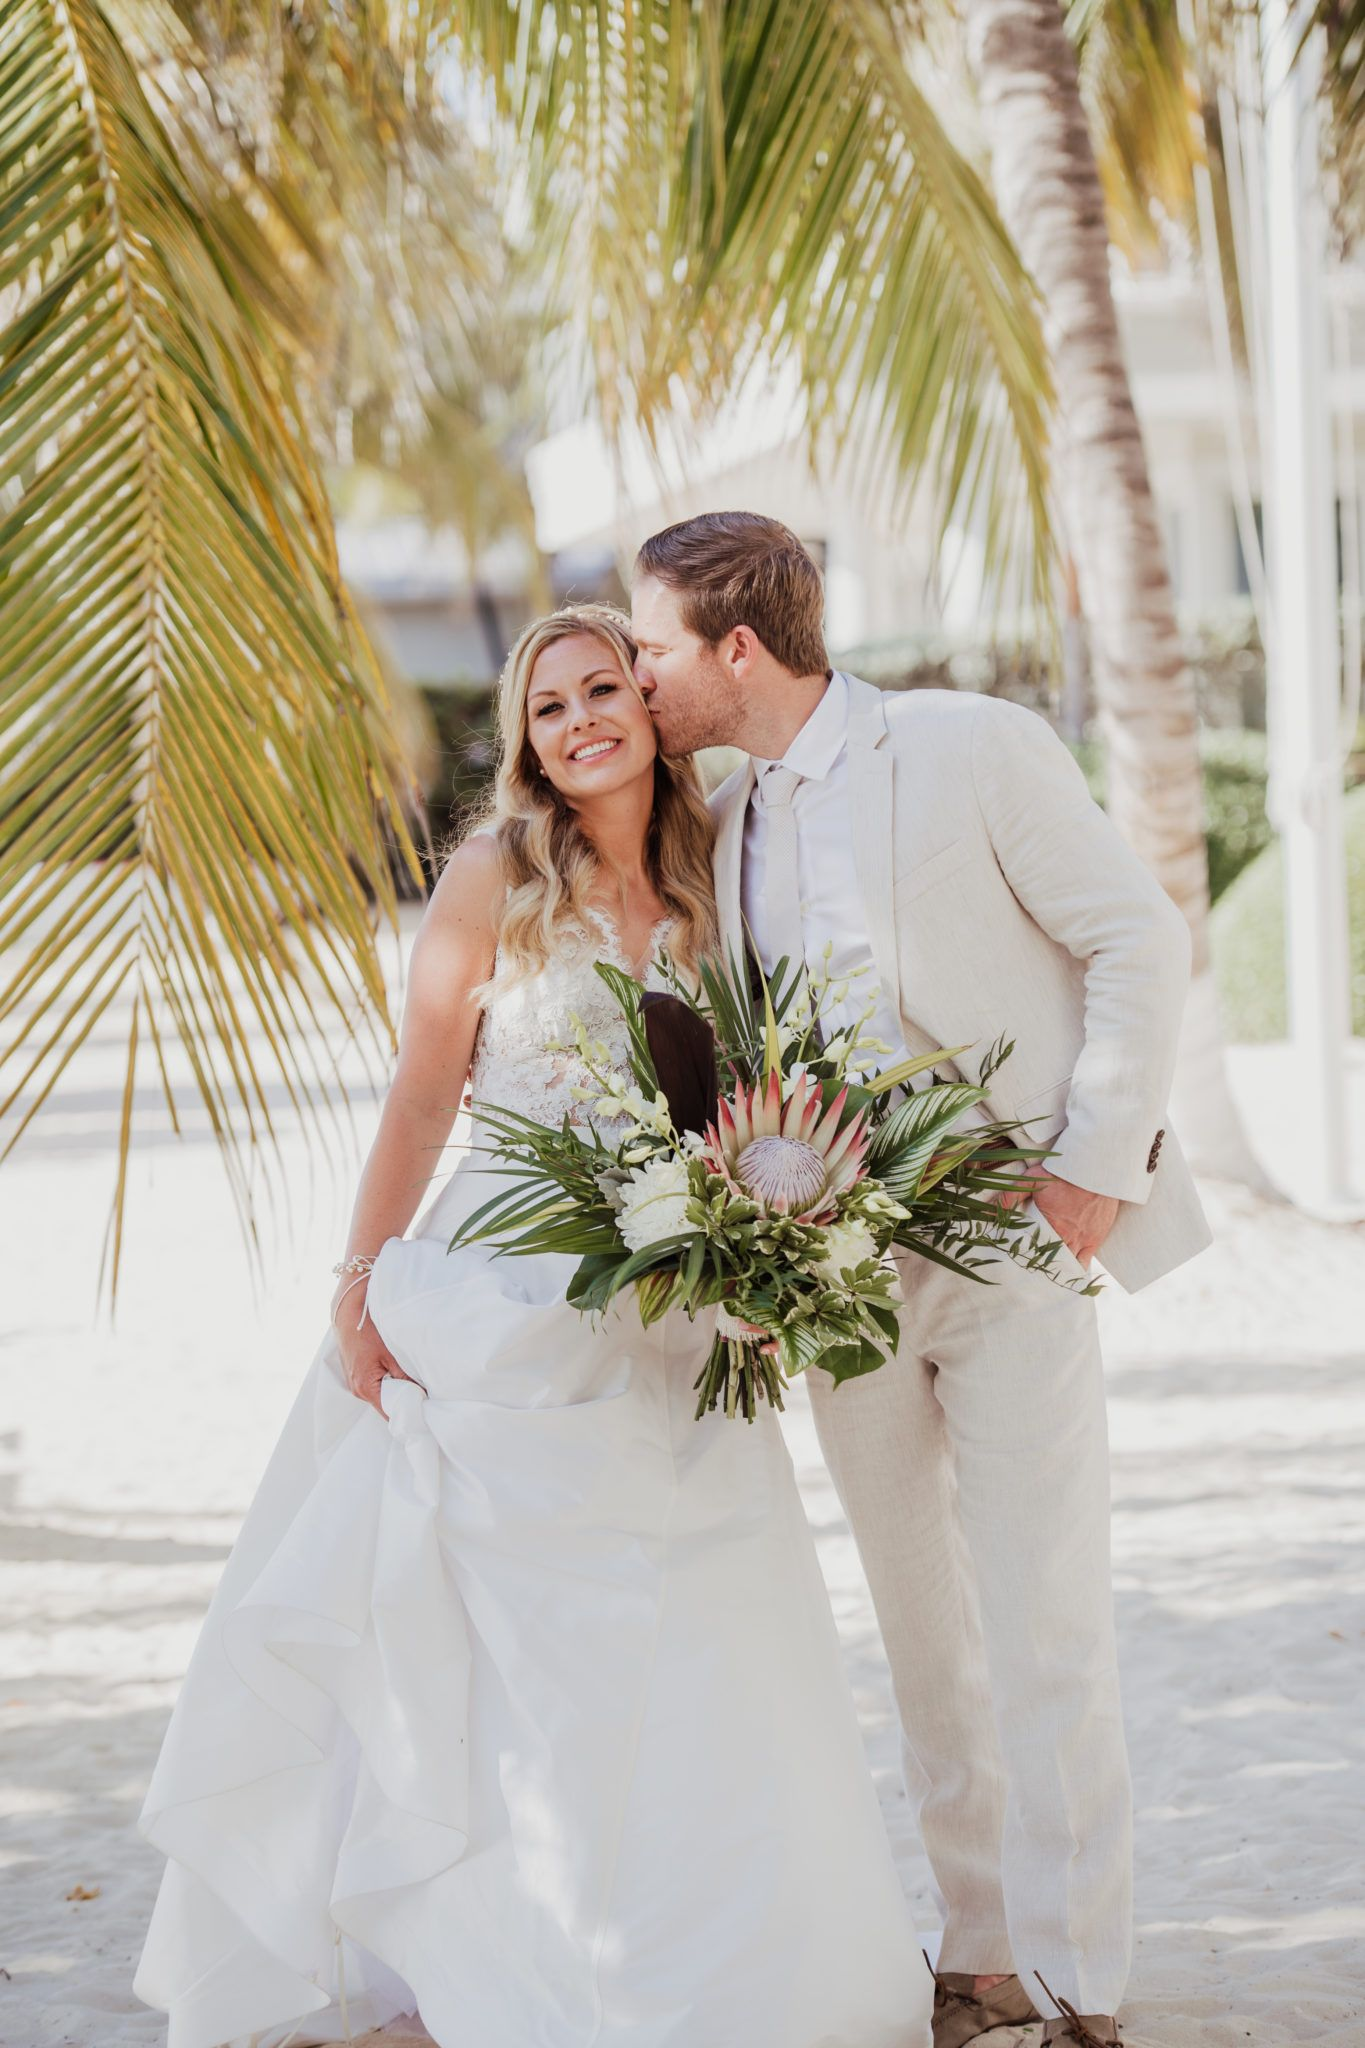 78cc67eafe0 Elegant Destination Wedding at the Caribbean Club